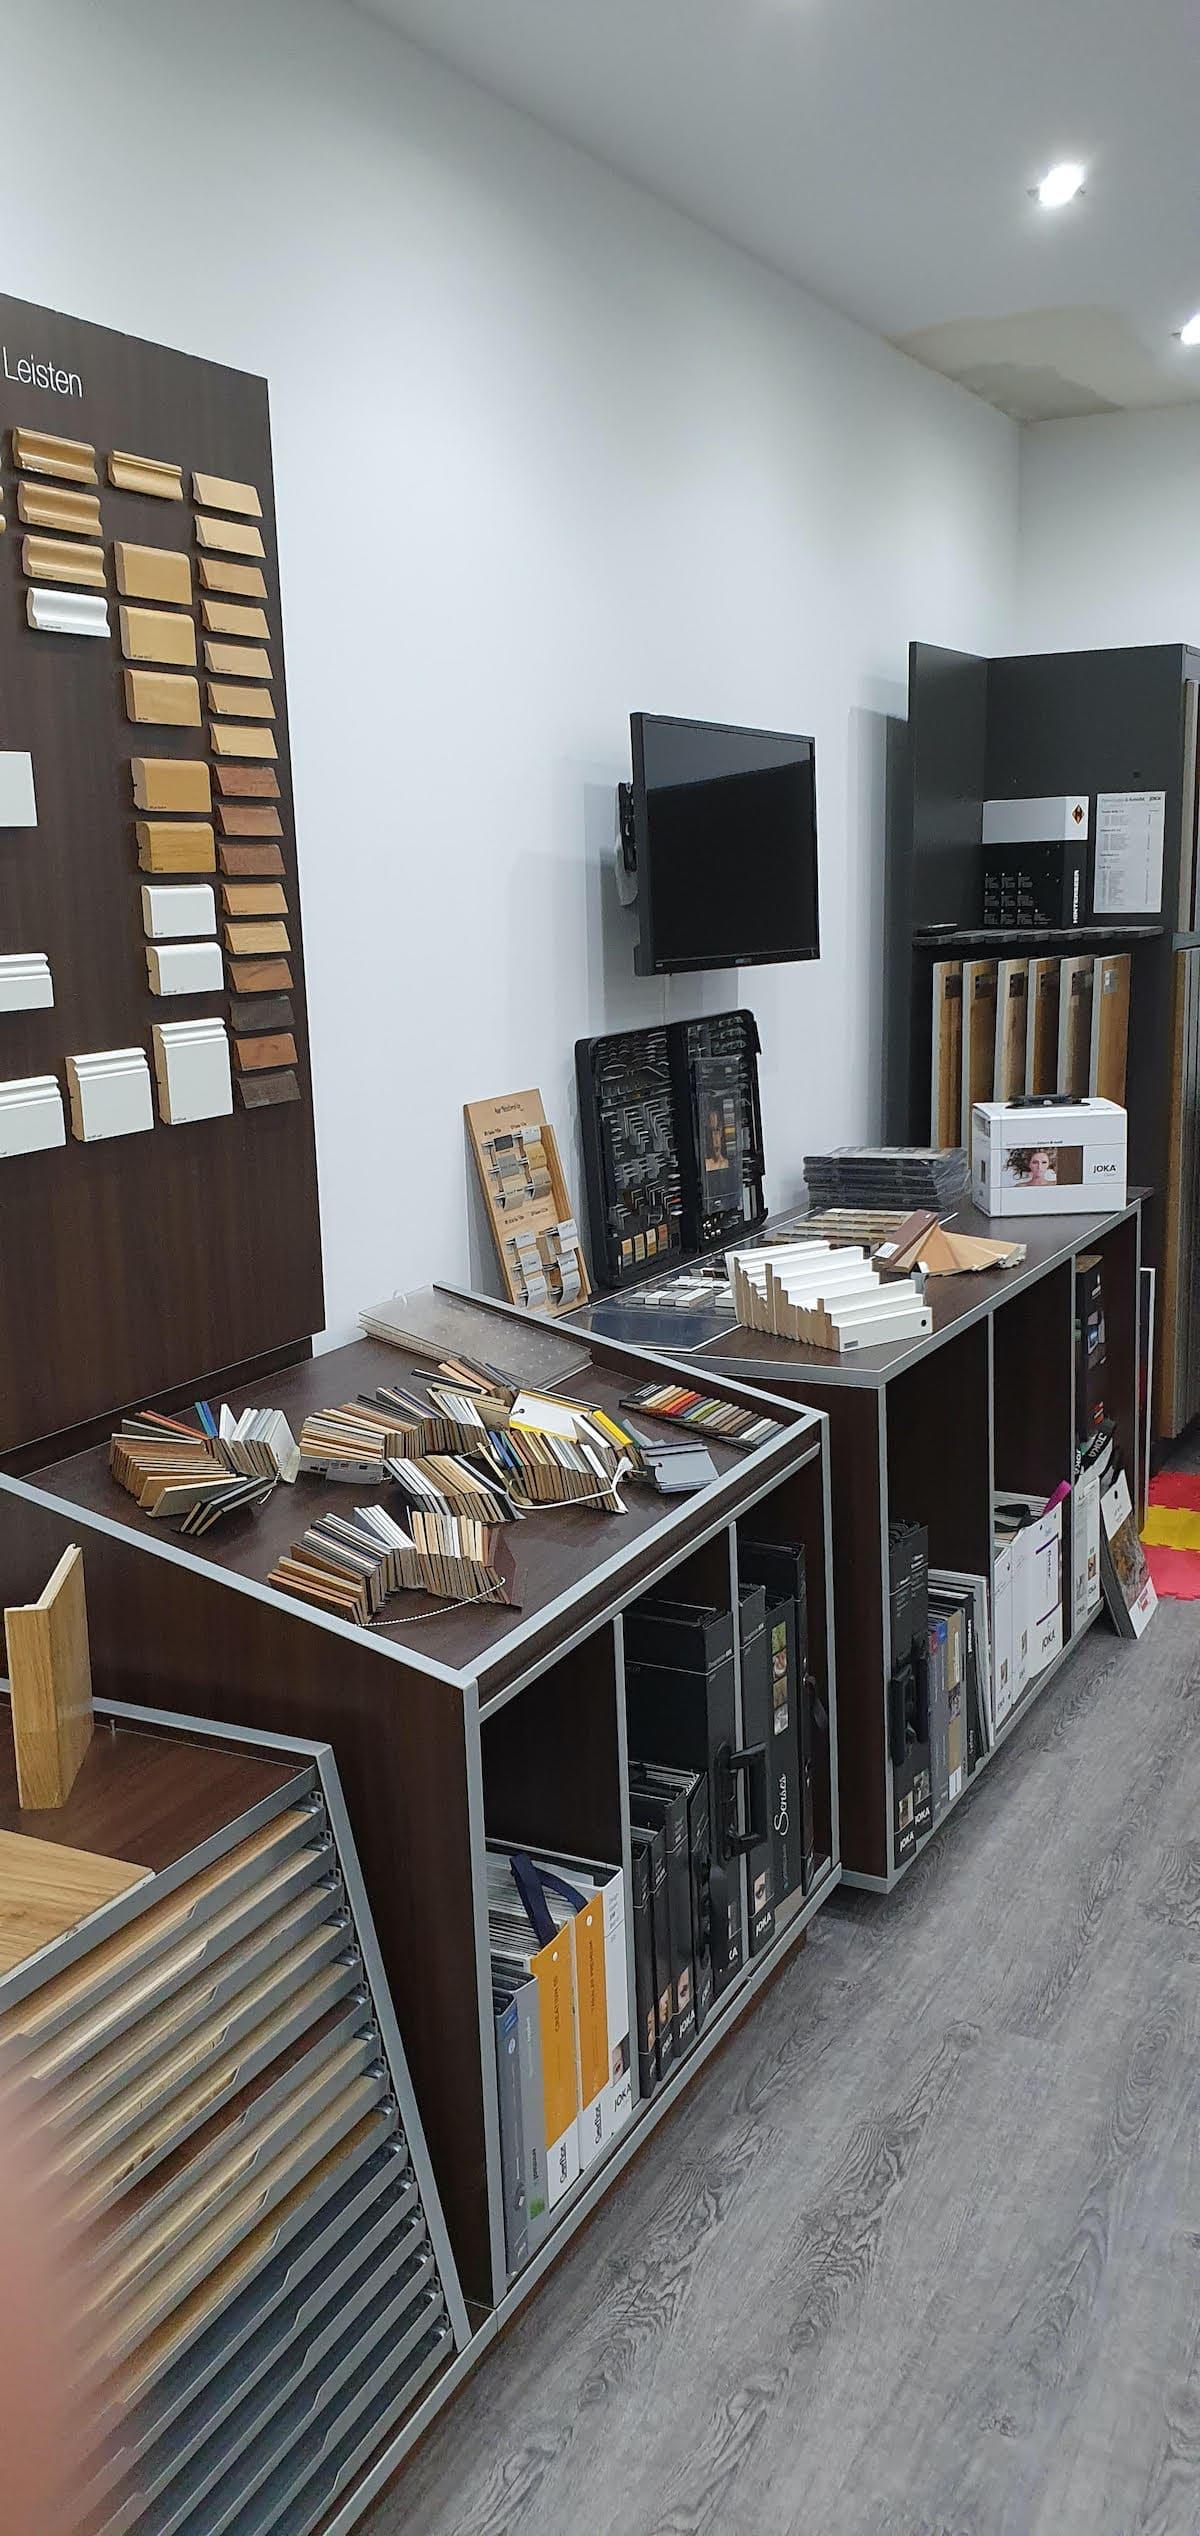 Valon Bodenbeläge Bürstadt Ausstellung parkett